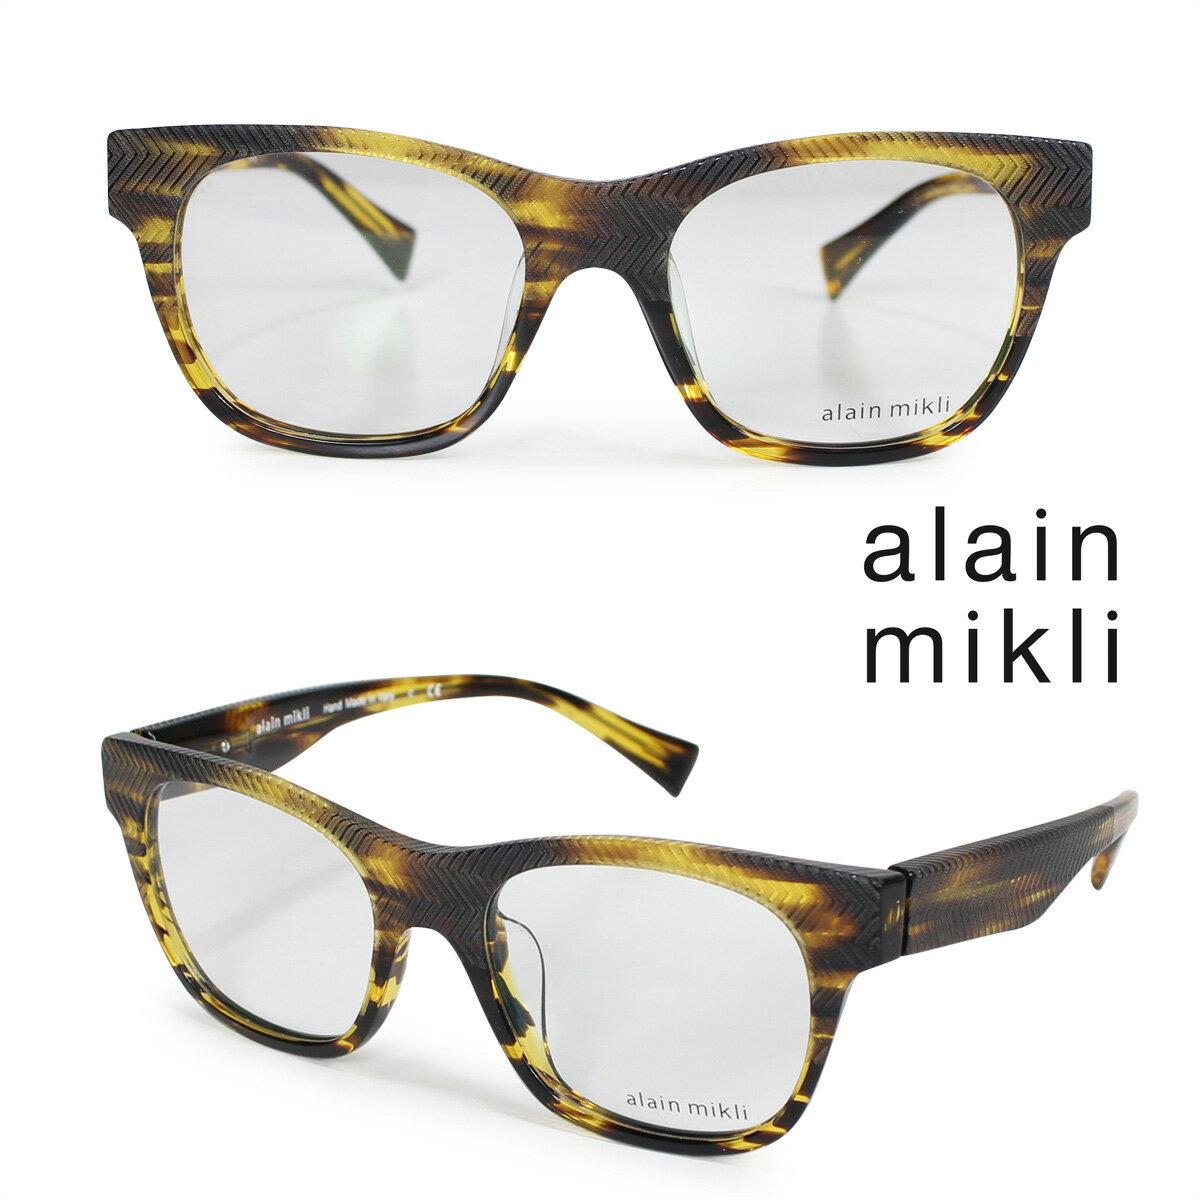 アランミクリ メガネ alain mikli メガネフレーム 眼鏡 イタリア製 メンズ レディース